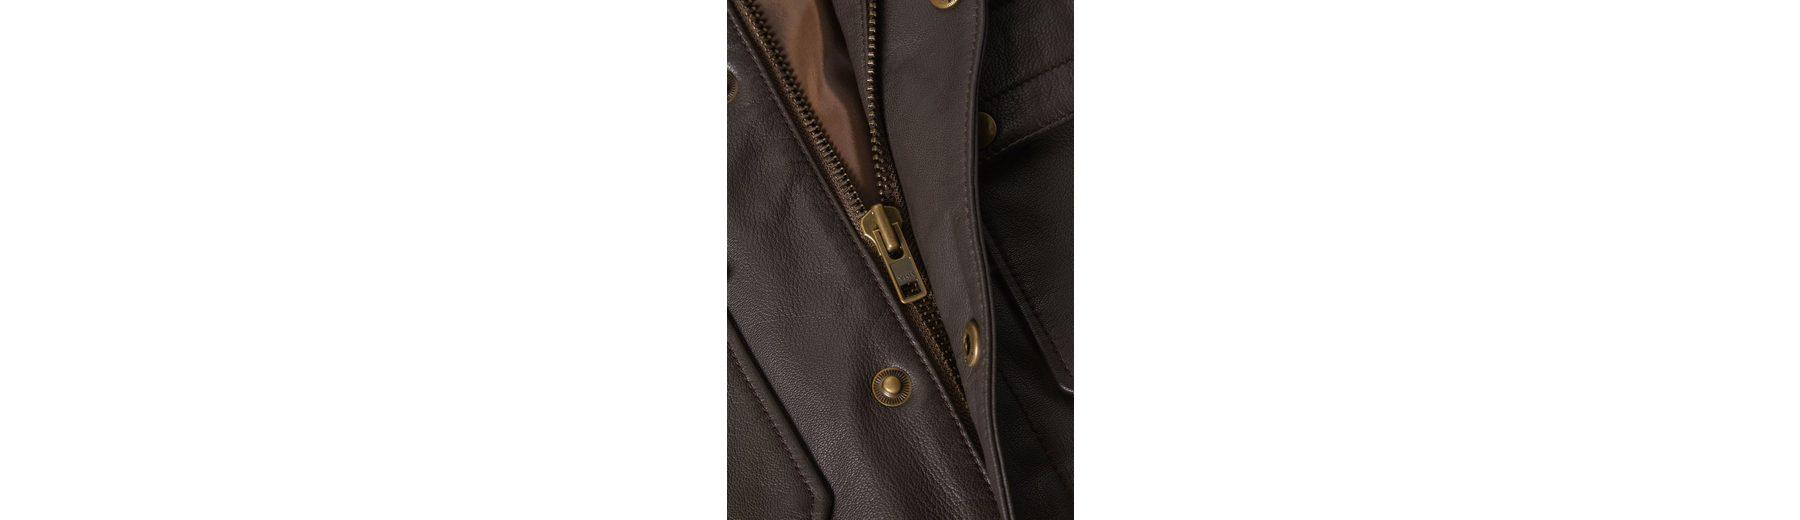 Next Lederjacke mit vier Taschen Kosten Günstiger Preis Billig Exklusiv qHmkFo8